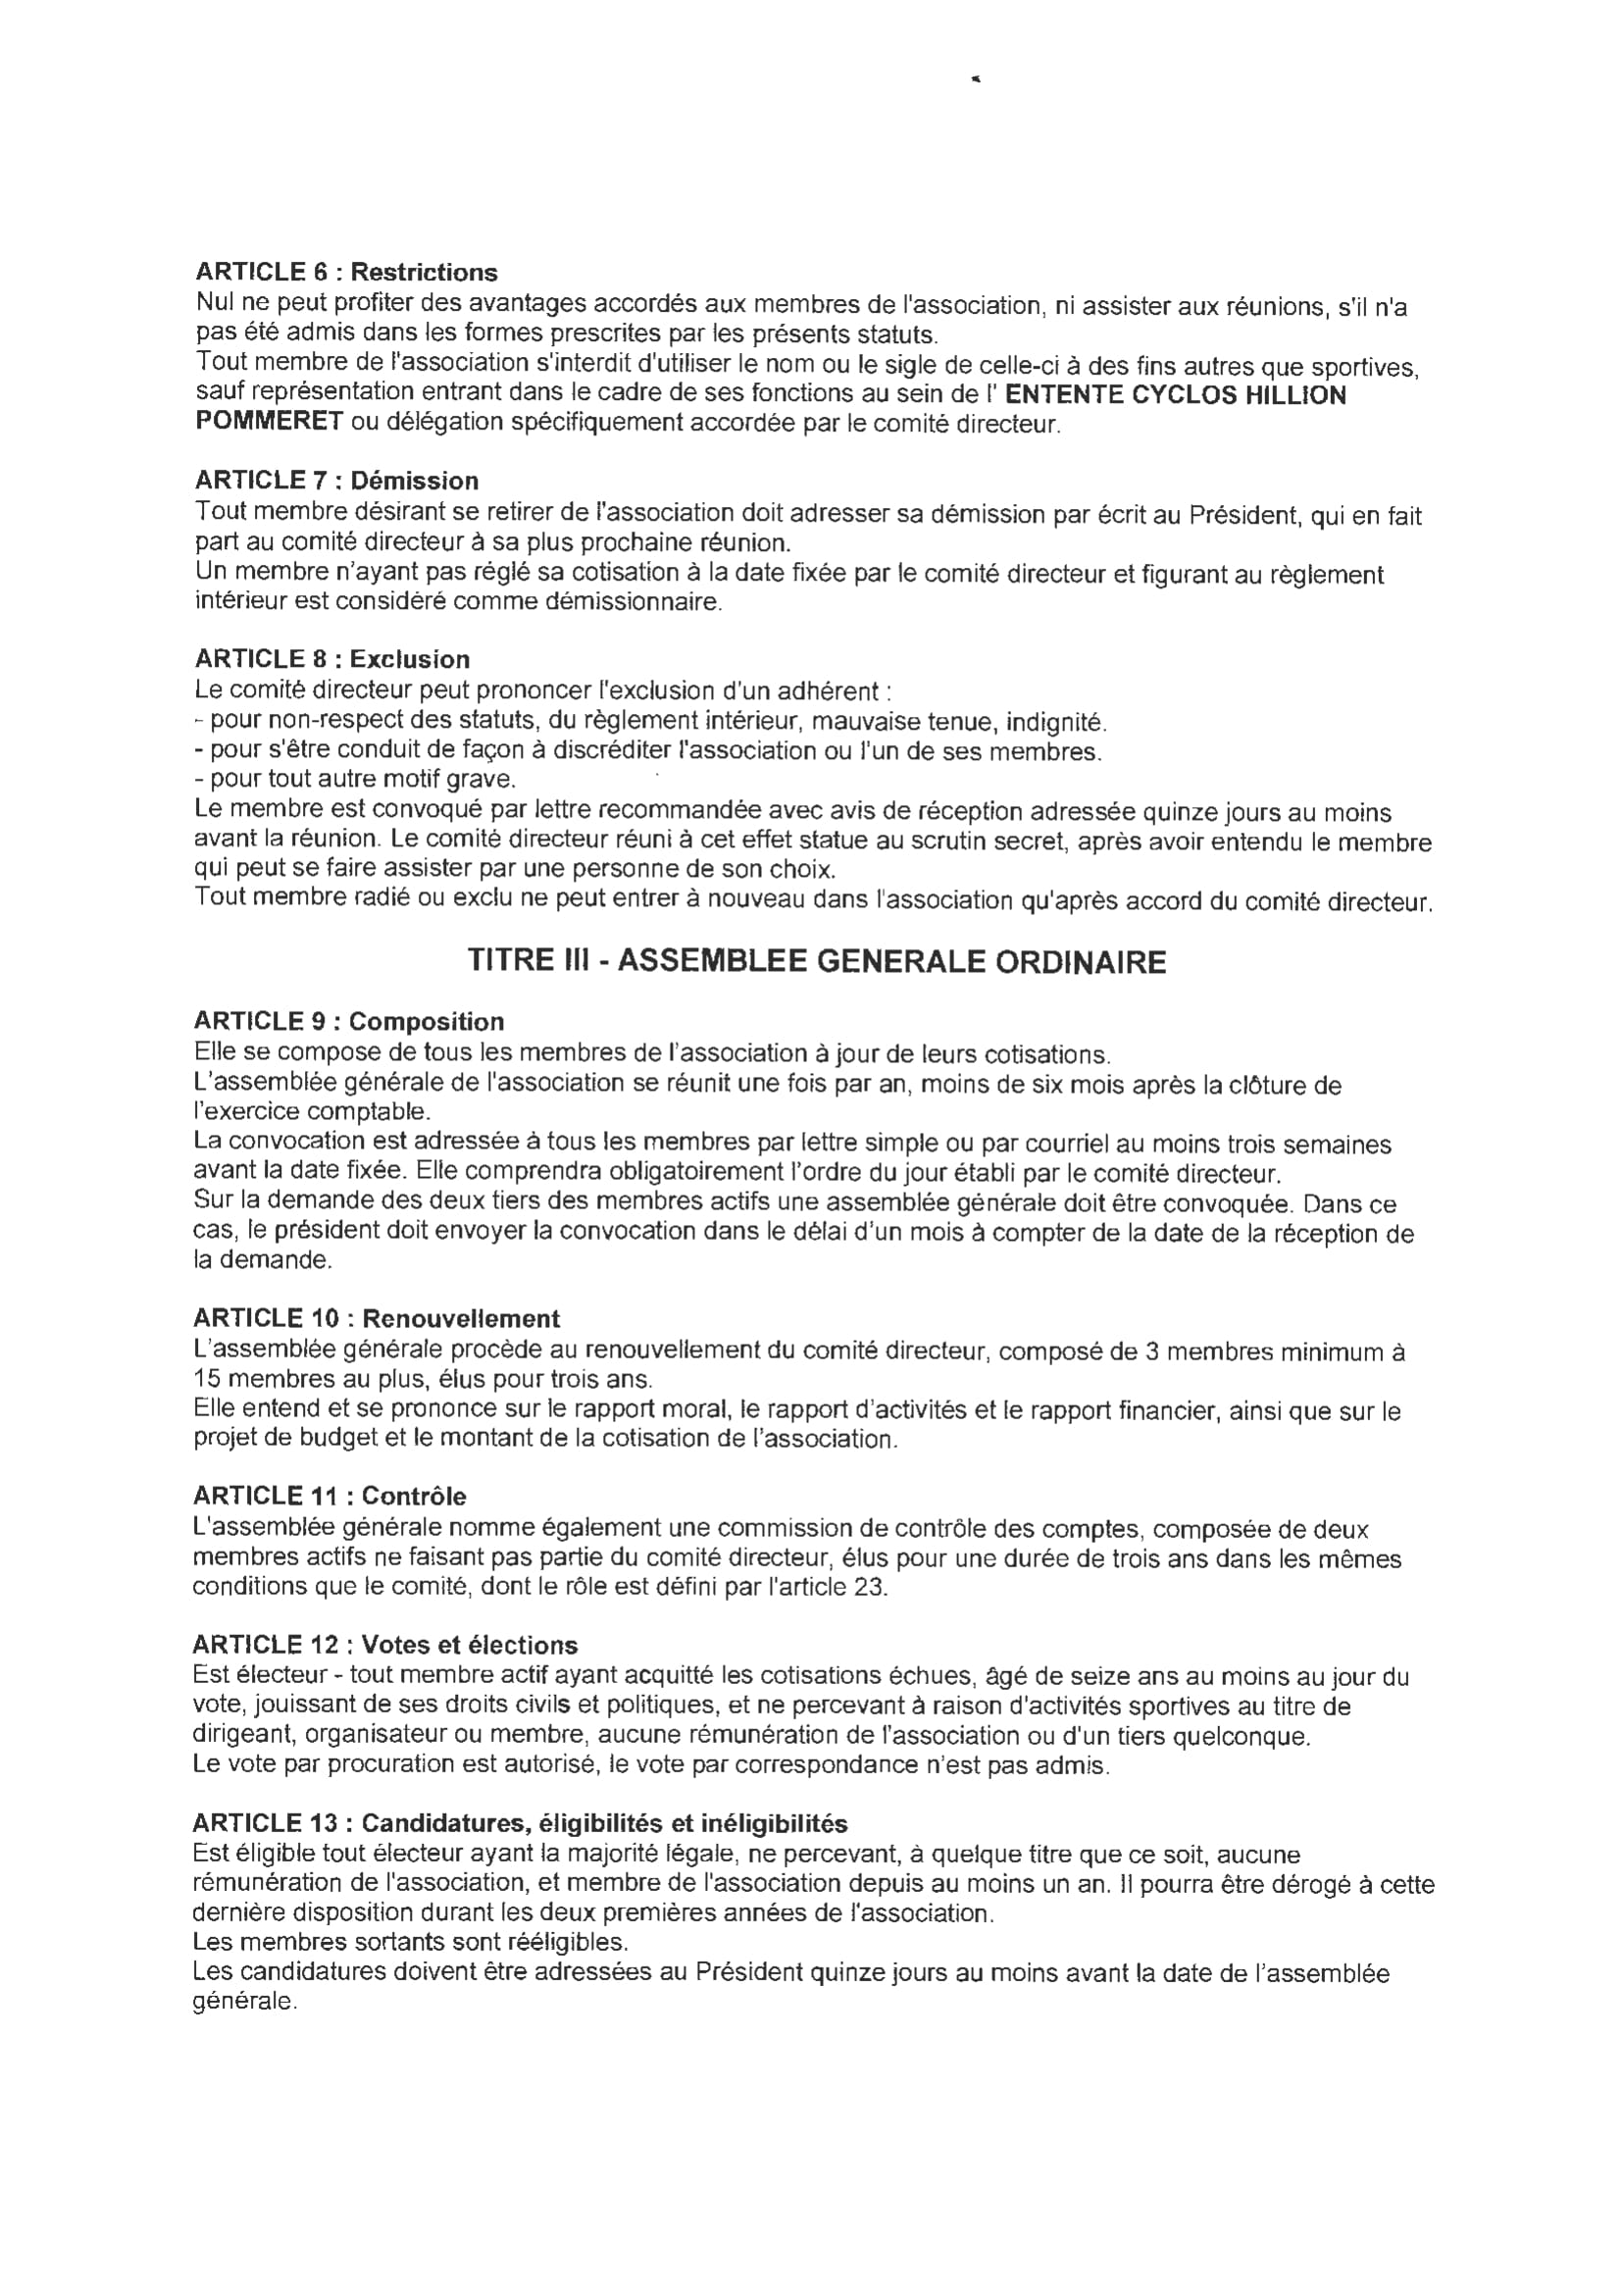 ECHP Statuts 2015-11-14-2.jpg